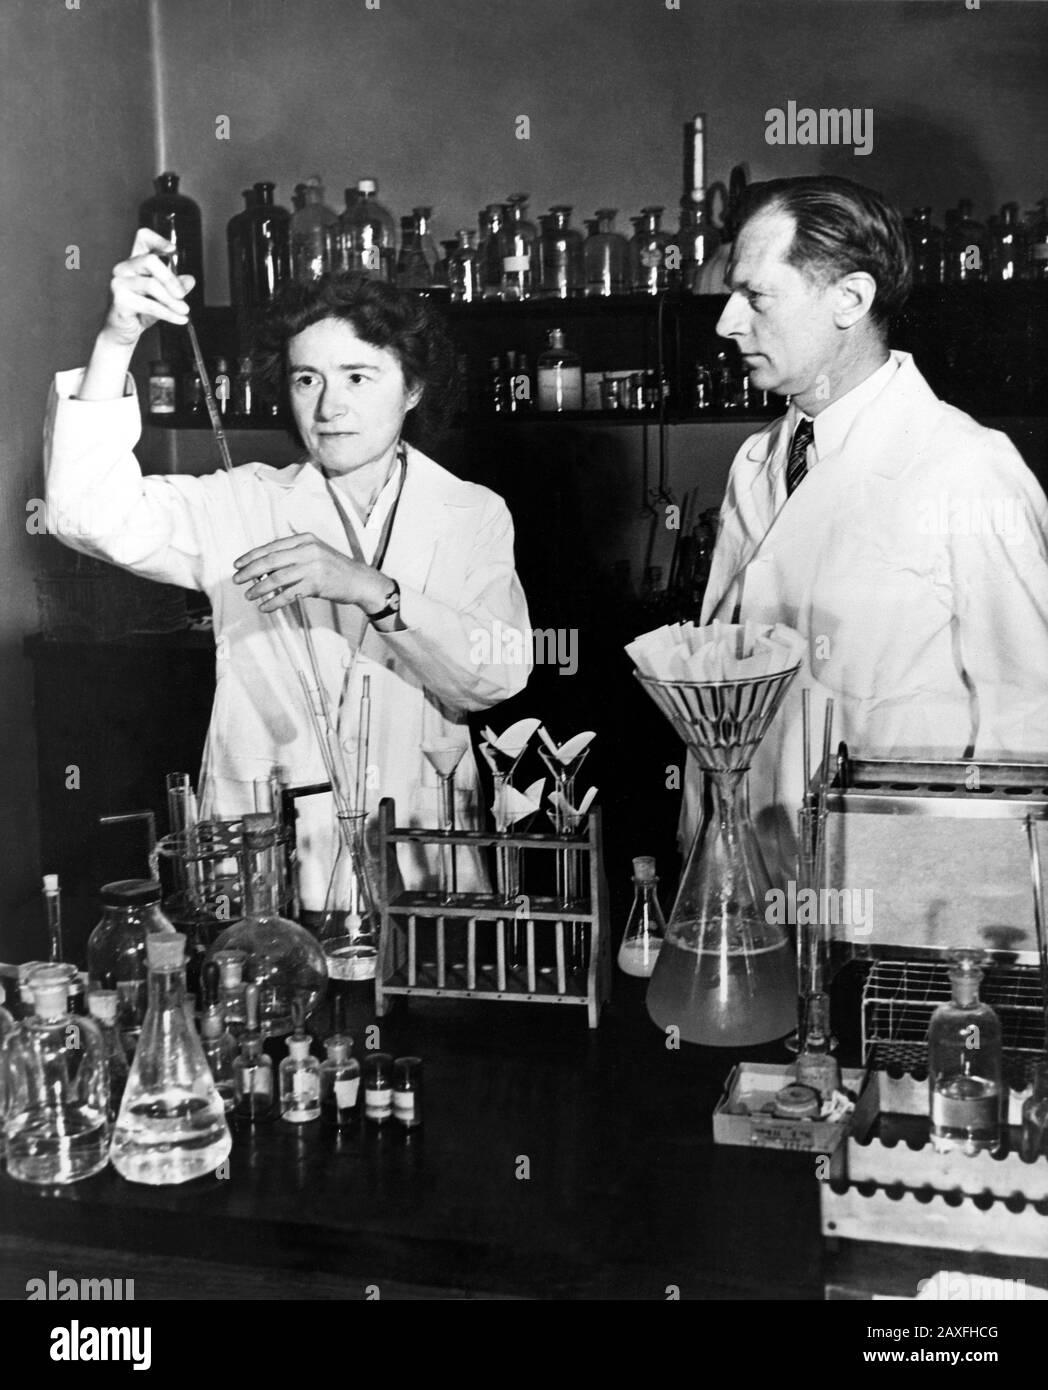 1947  , USA : Biochemist Gerty Theresa Radnitz Cori  ( 1896 - 1957 ) and her husband Carl Ferdinand Cori  ( 1896  -1984 ) were jointly awarded the Nobel Prize in medicine in 1947 for their work on how the human body metabolizes sugar.  - HISTORY  - foto storiche - foto storica  - scienziato - scientist  - portrait - ritratto    -  MEDICO - MEDICINA - medicine  - SCIENZA - SCIENCE  - CHIMICA - CHEMIST  - tie - cravatta - collar - colletto - profilo - profile - marito e moglie   © Archivio GBB / Stock Photo